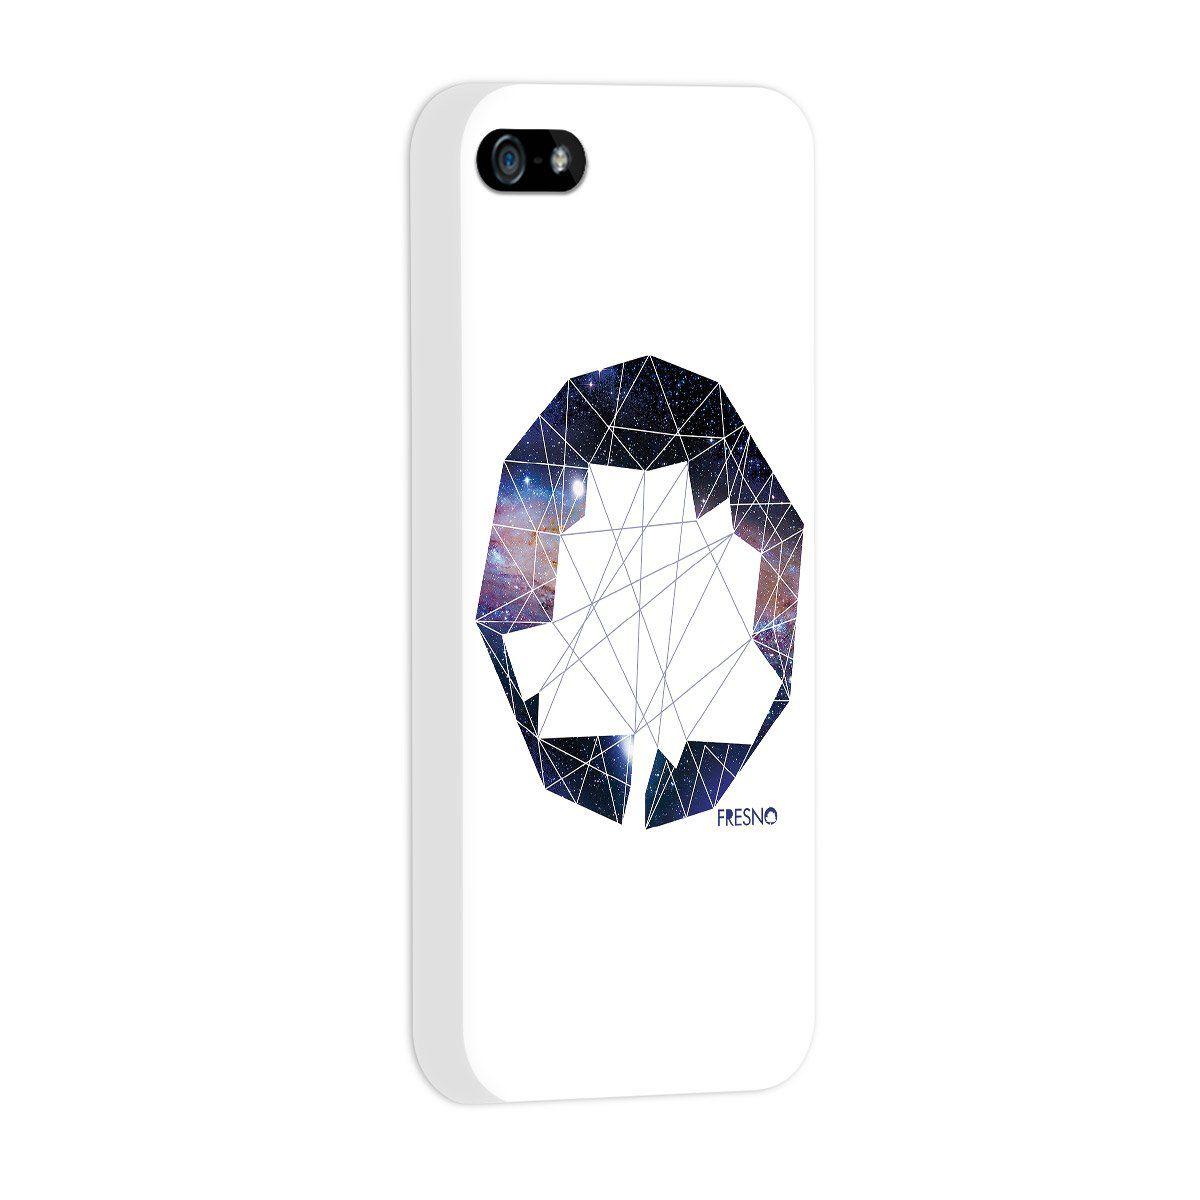 Capa de iPhone 5/5S Fresno - Logo Galáxias